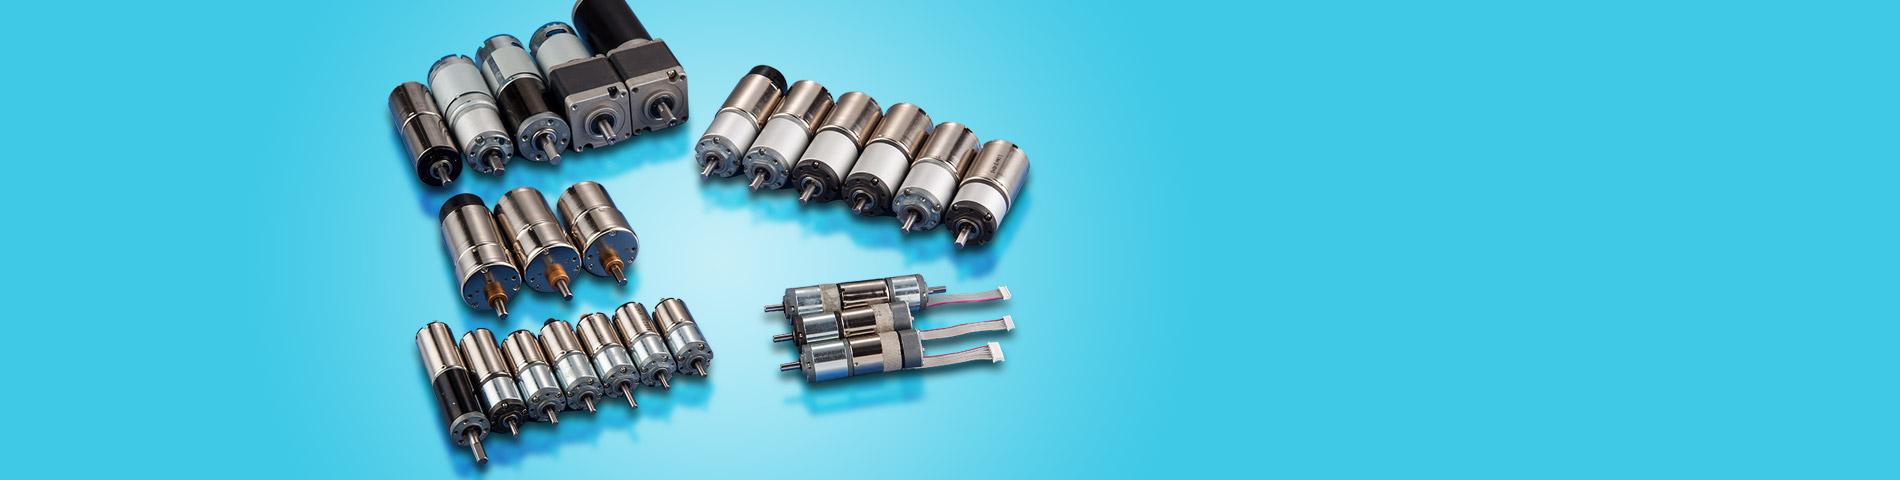 Kehittää ja valmistaa Miniatyyri ja Pienet tasavirtamoottorit